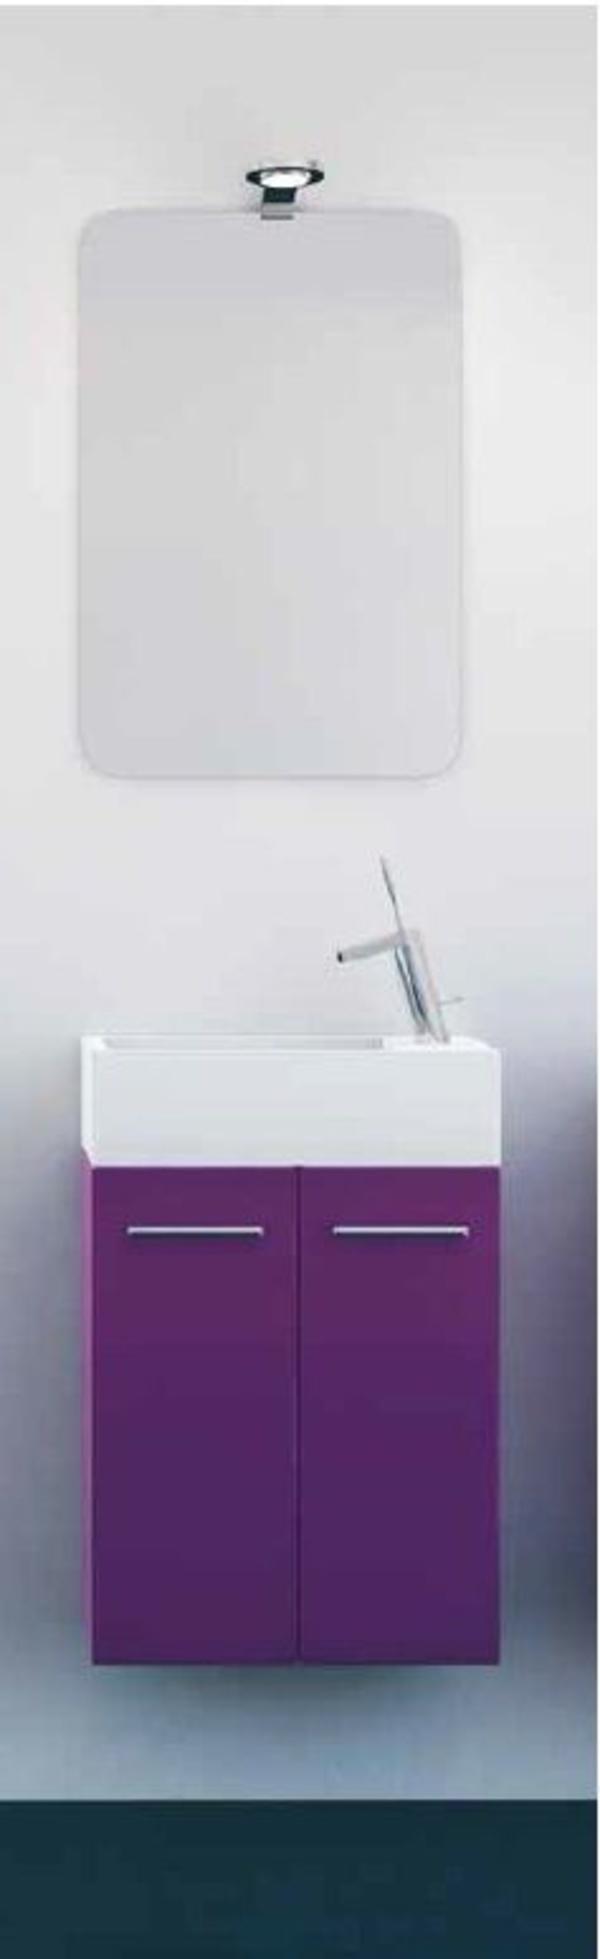 Mueble Pícola C25 de 2 puertas, laca violeta y tirador asa recta